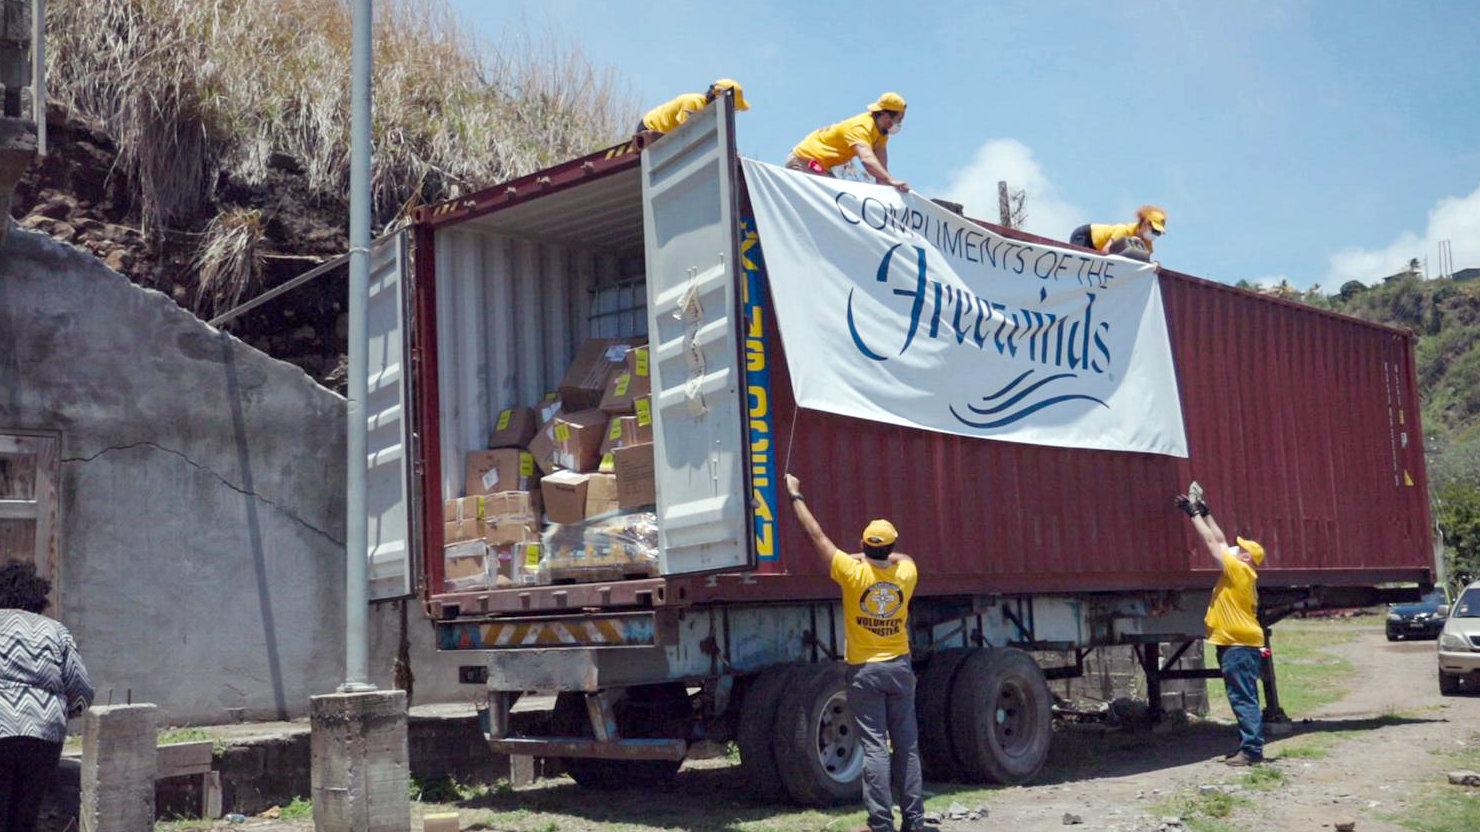 志願牧師團隊卸下一整貨櫃的重要補給品,這全都要感謝IAS的支持,讓自由風得以將物資送到島上。